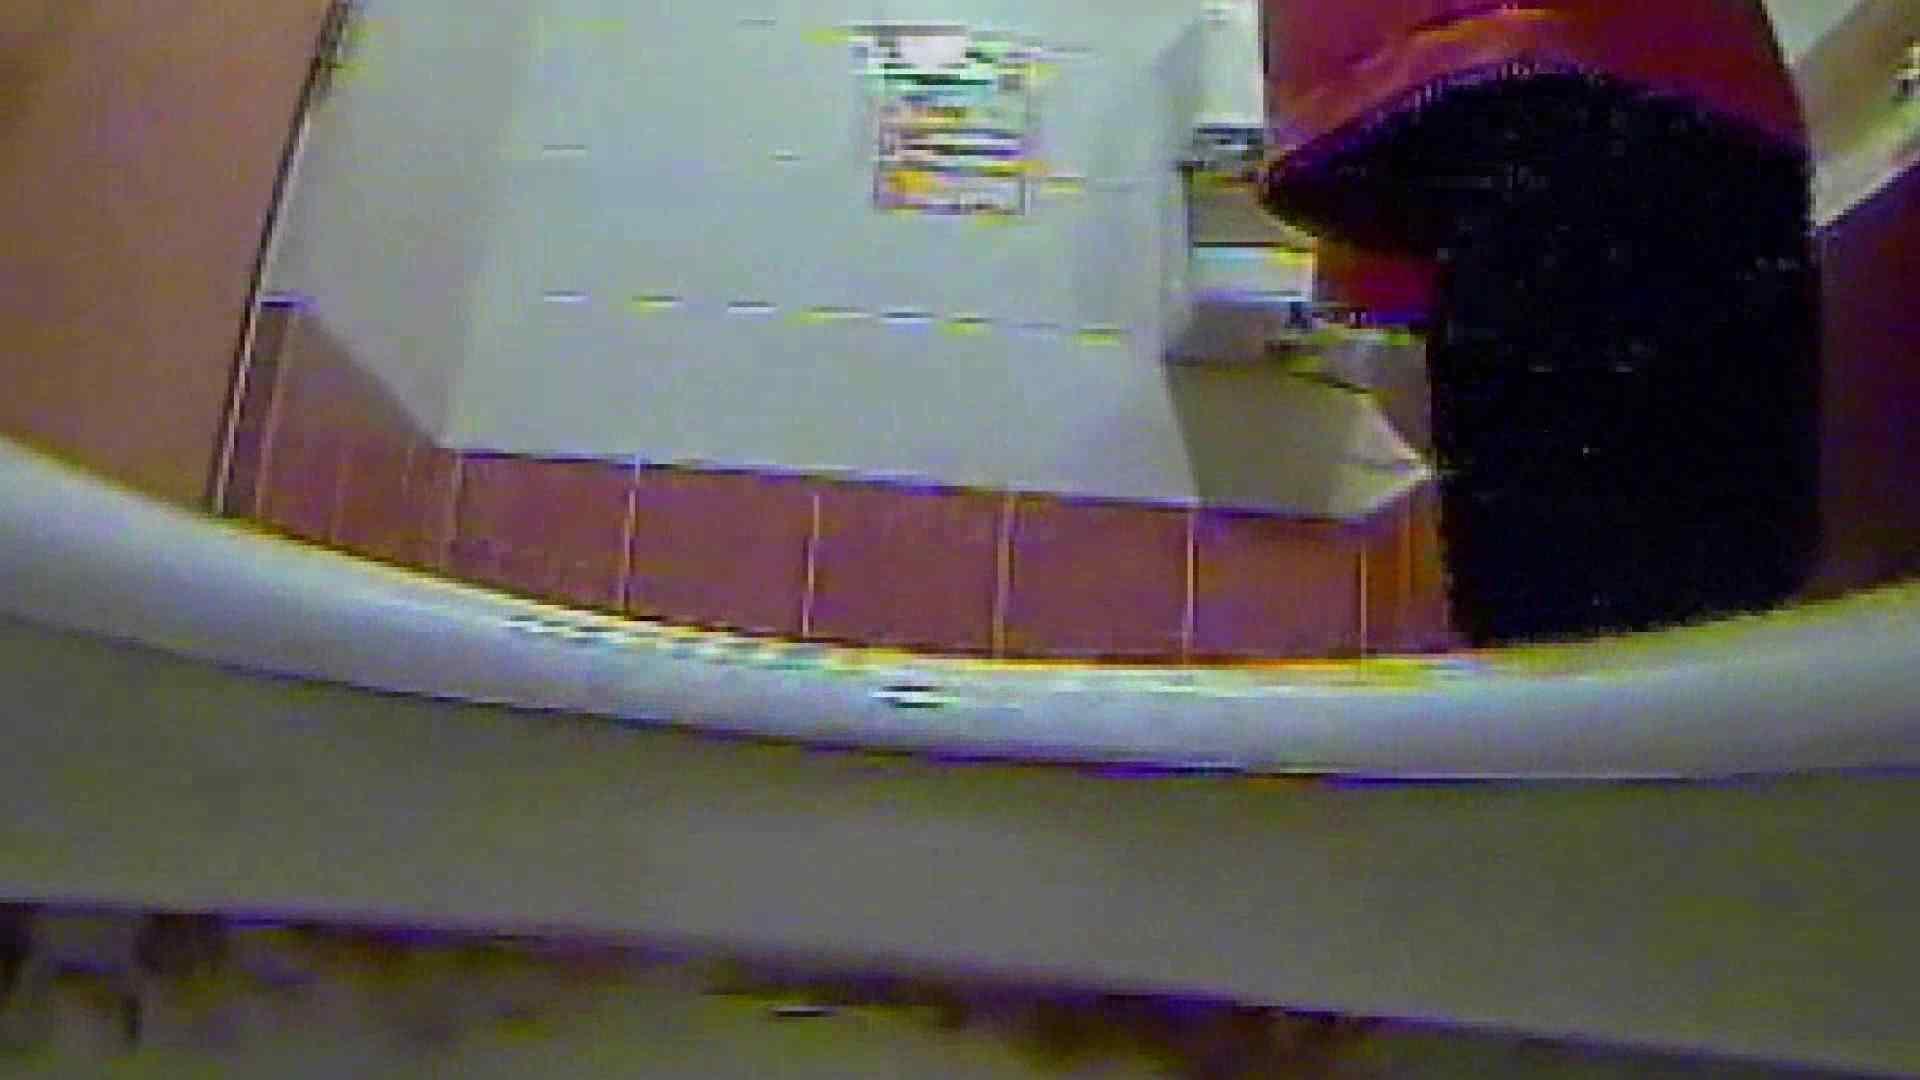 キレカワ女子大生の秘密の洗面所!Vol.015 放尿 おめこ無修正画像 93pic 69